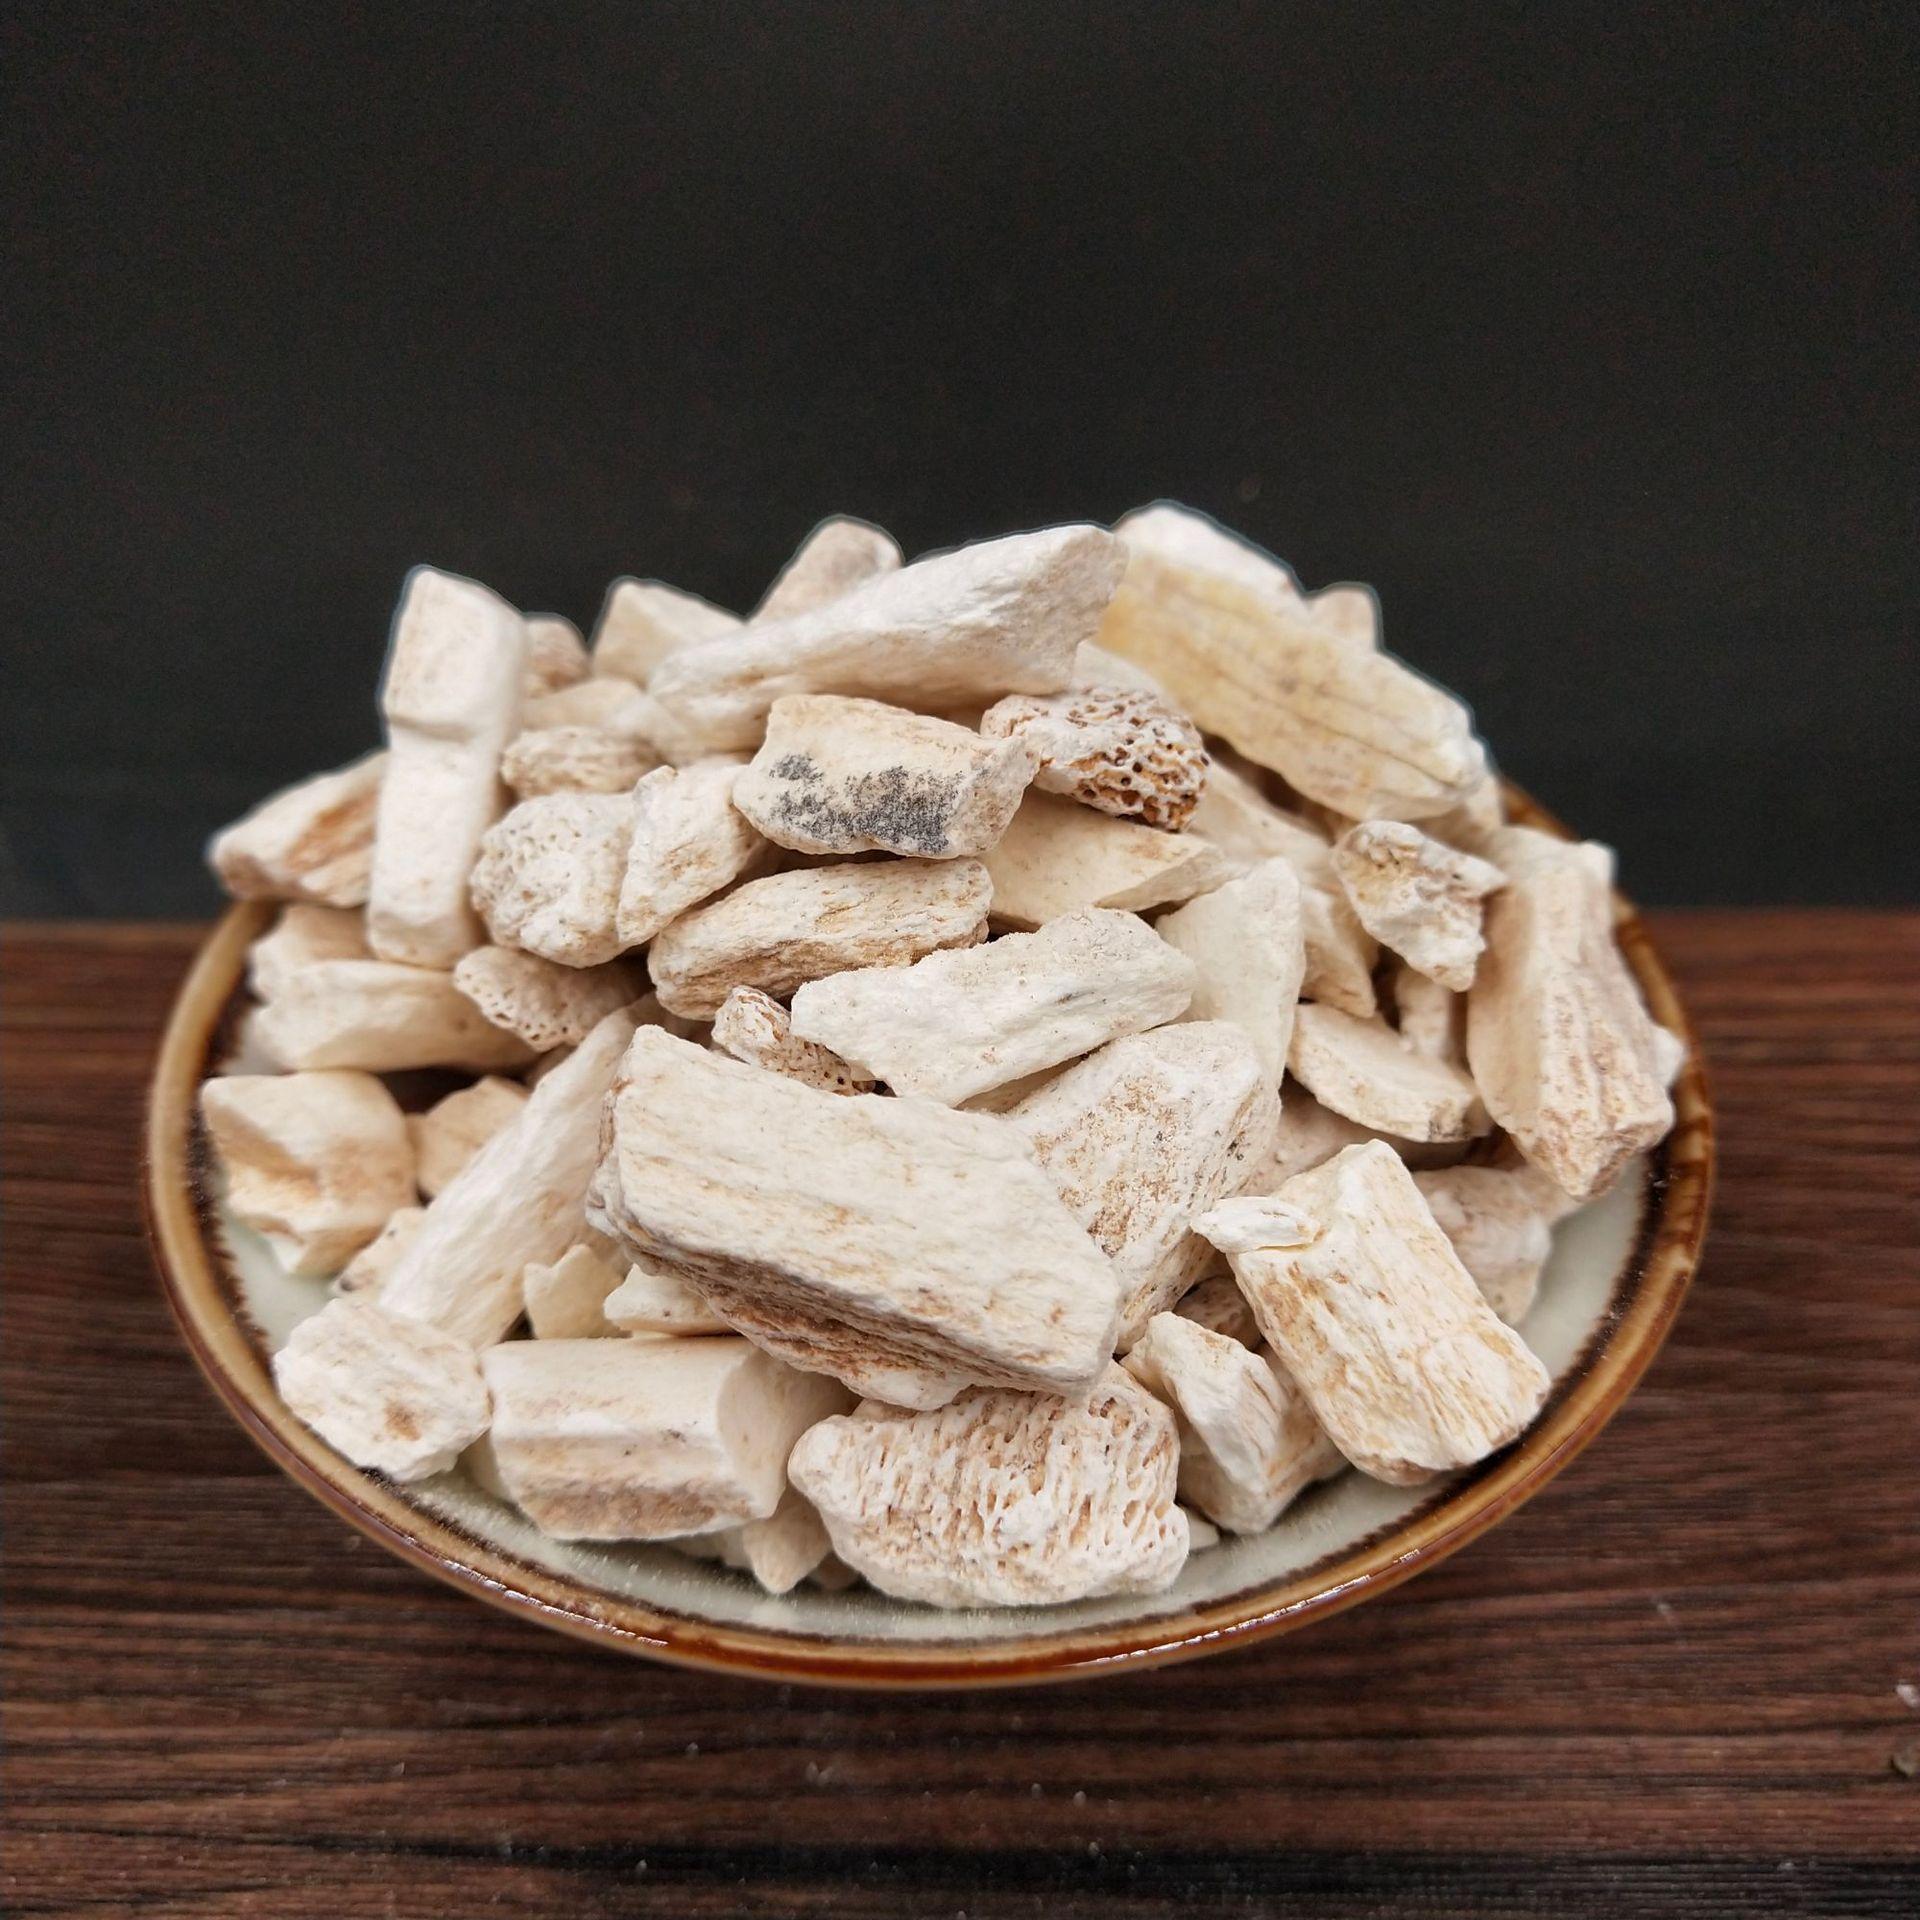 中药生牡蛎图片,牡蛎壳煮水药效